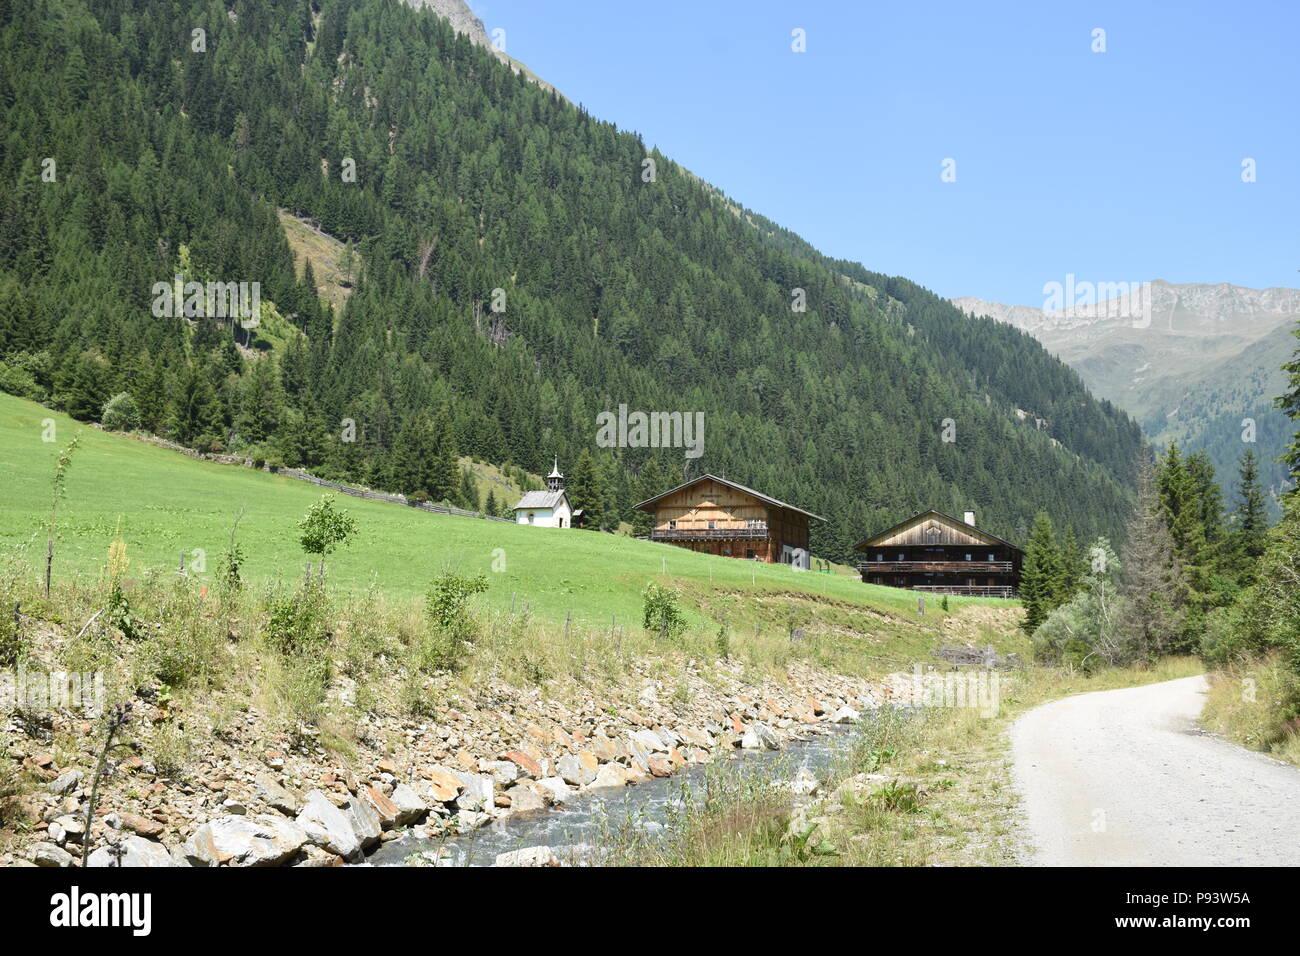 Osttirol, Lienz, Villgraten, Villgrater Berge, Landwirtschaft, Bauernhof, Bergbauer, Bergbauernhof, Österreich, Tirol, tradición, colgar, steil, Wiese, Foto de stock